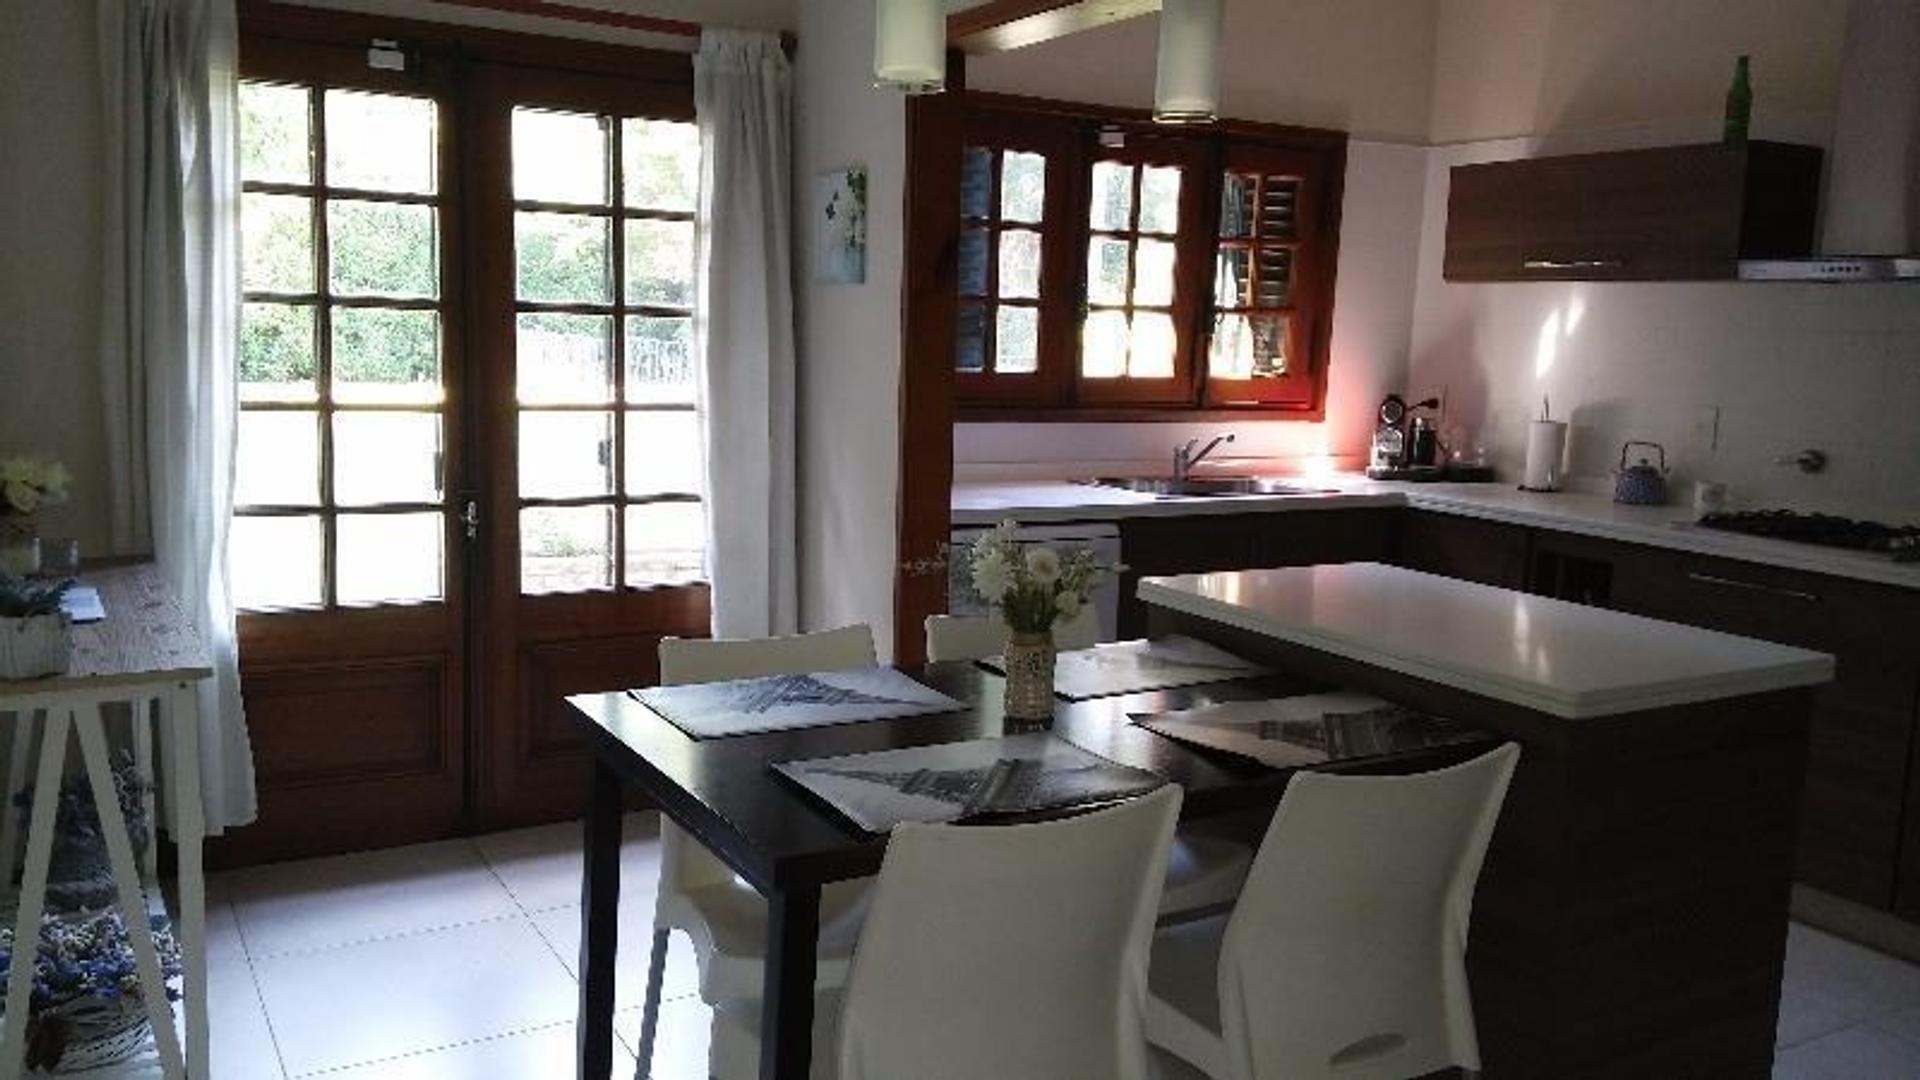 Chile 2034 Don Torcuato (Zona Balbastro) - Excelente Chalet de 3 dormitorios  sobre lote de 1156 m2